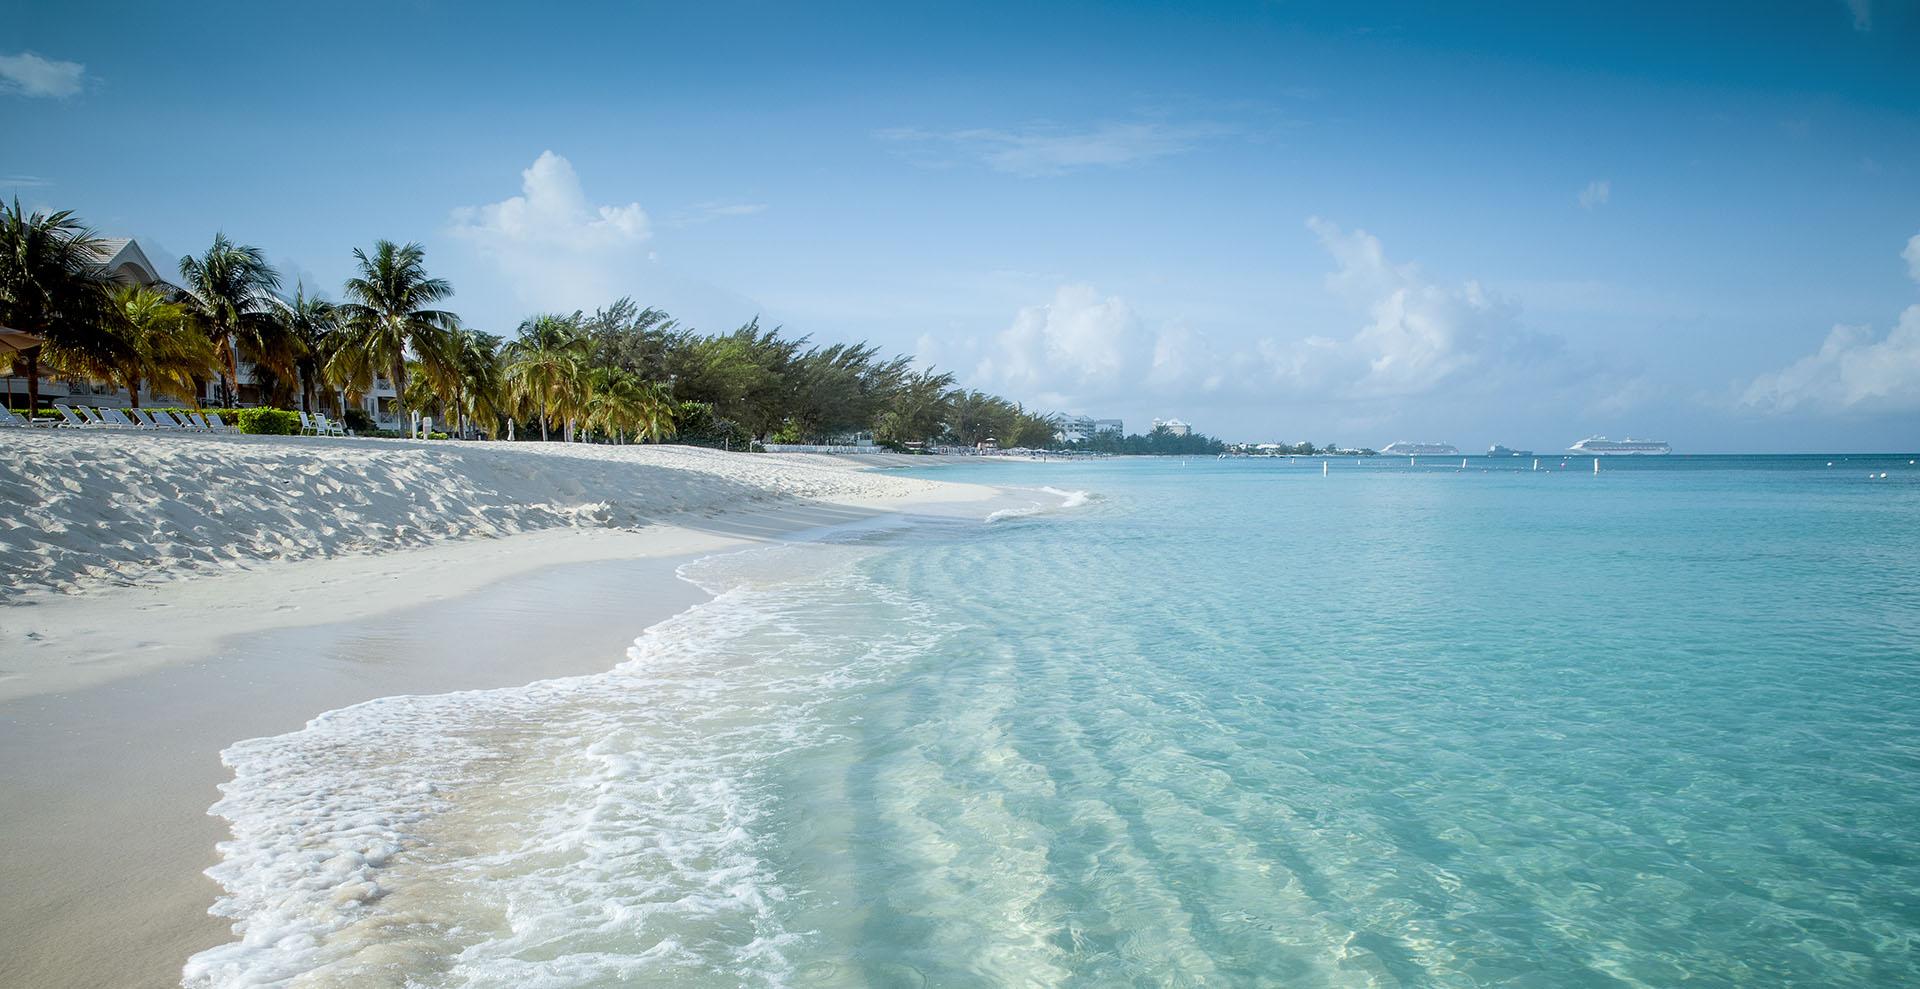 Seven Mile Beach es una de las playas más famosas del mundo. Con aguas cristalinas y arenas coralinas que se extienden a lo largo de 5,5 millas